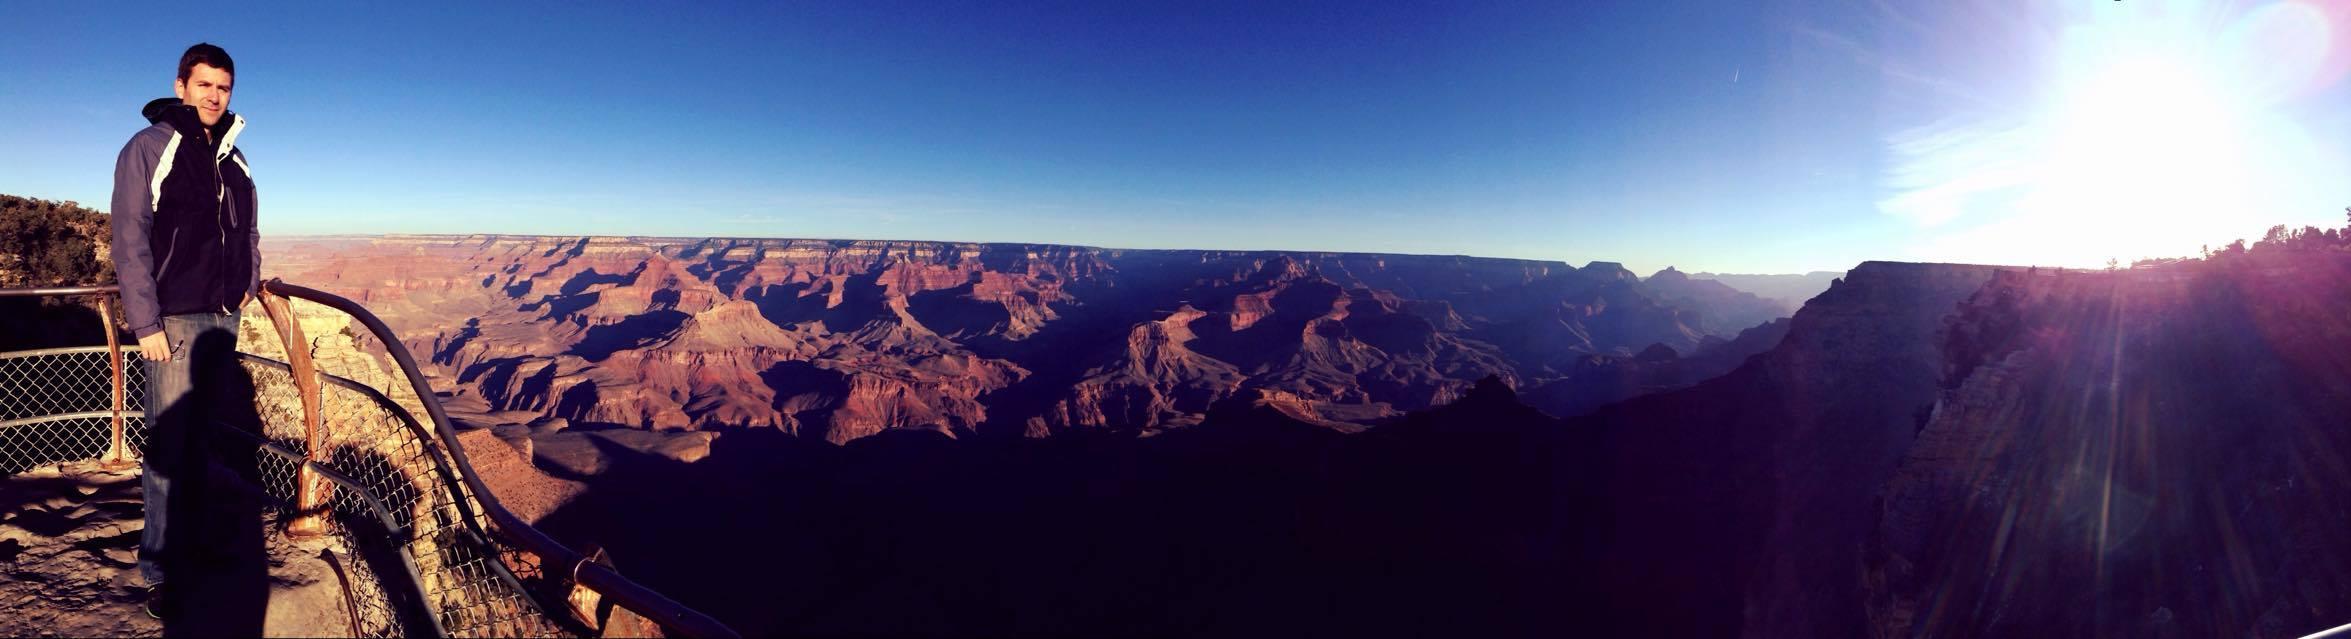 Jason at Grand Canyon.jpg